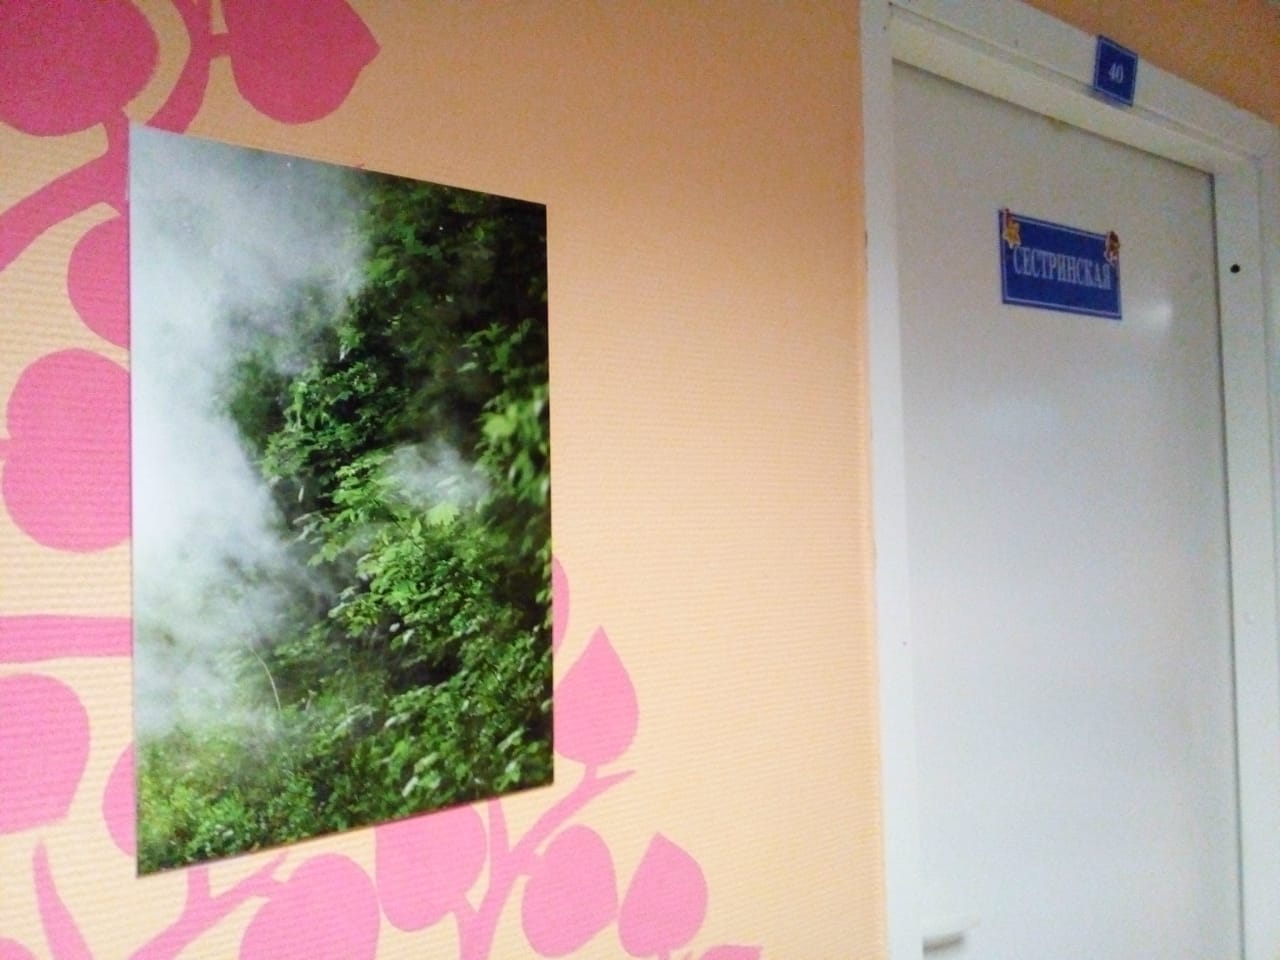 Сегодня московские фотографы подарили больнице художественные фото картины, выполненные своими руками.